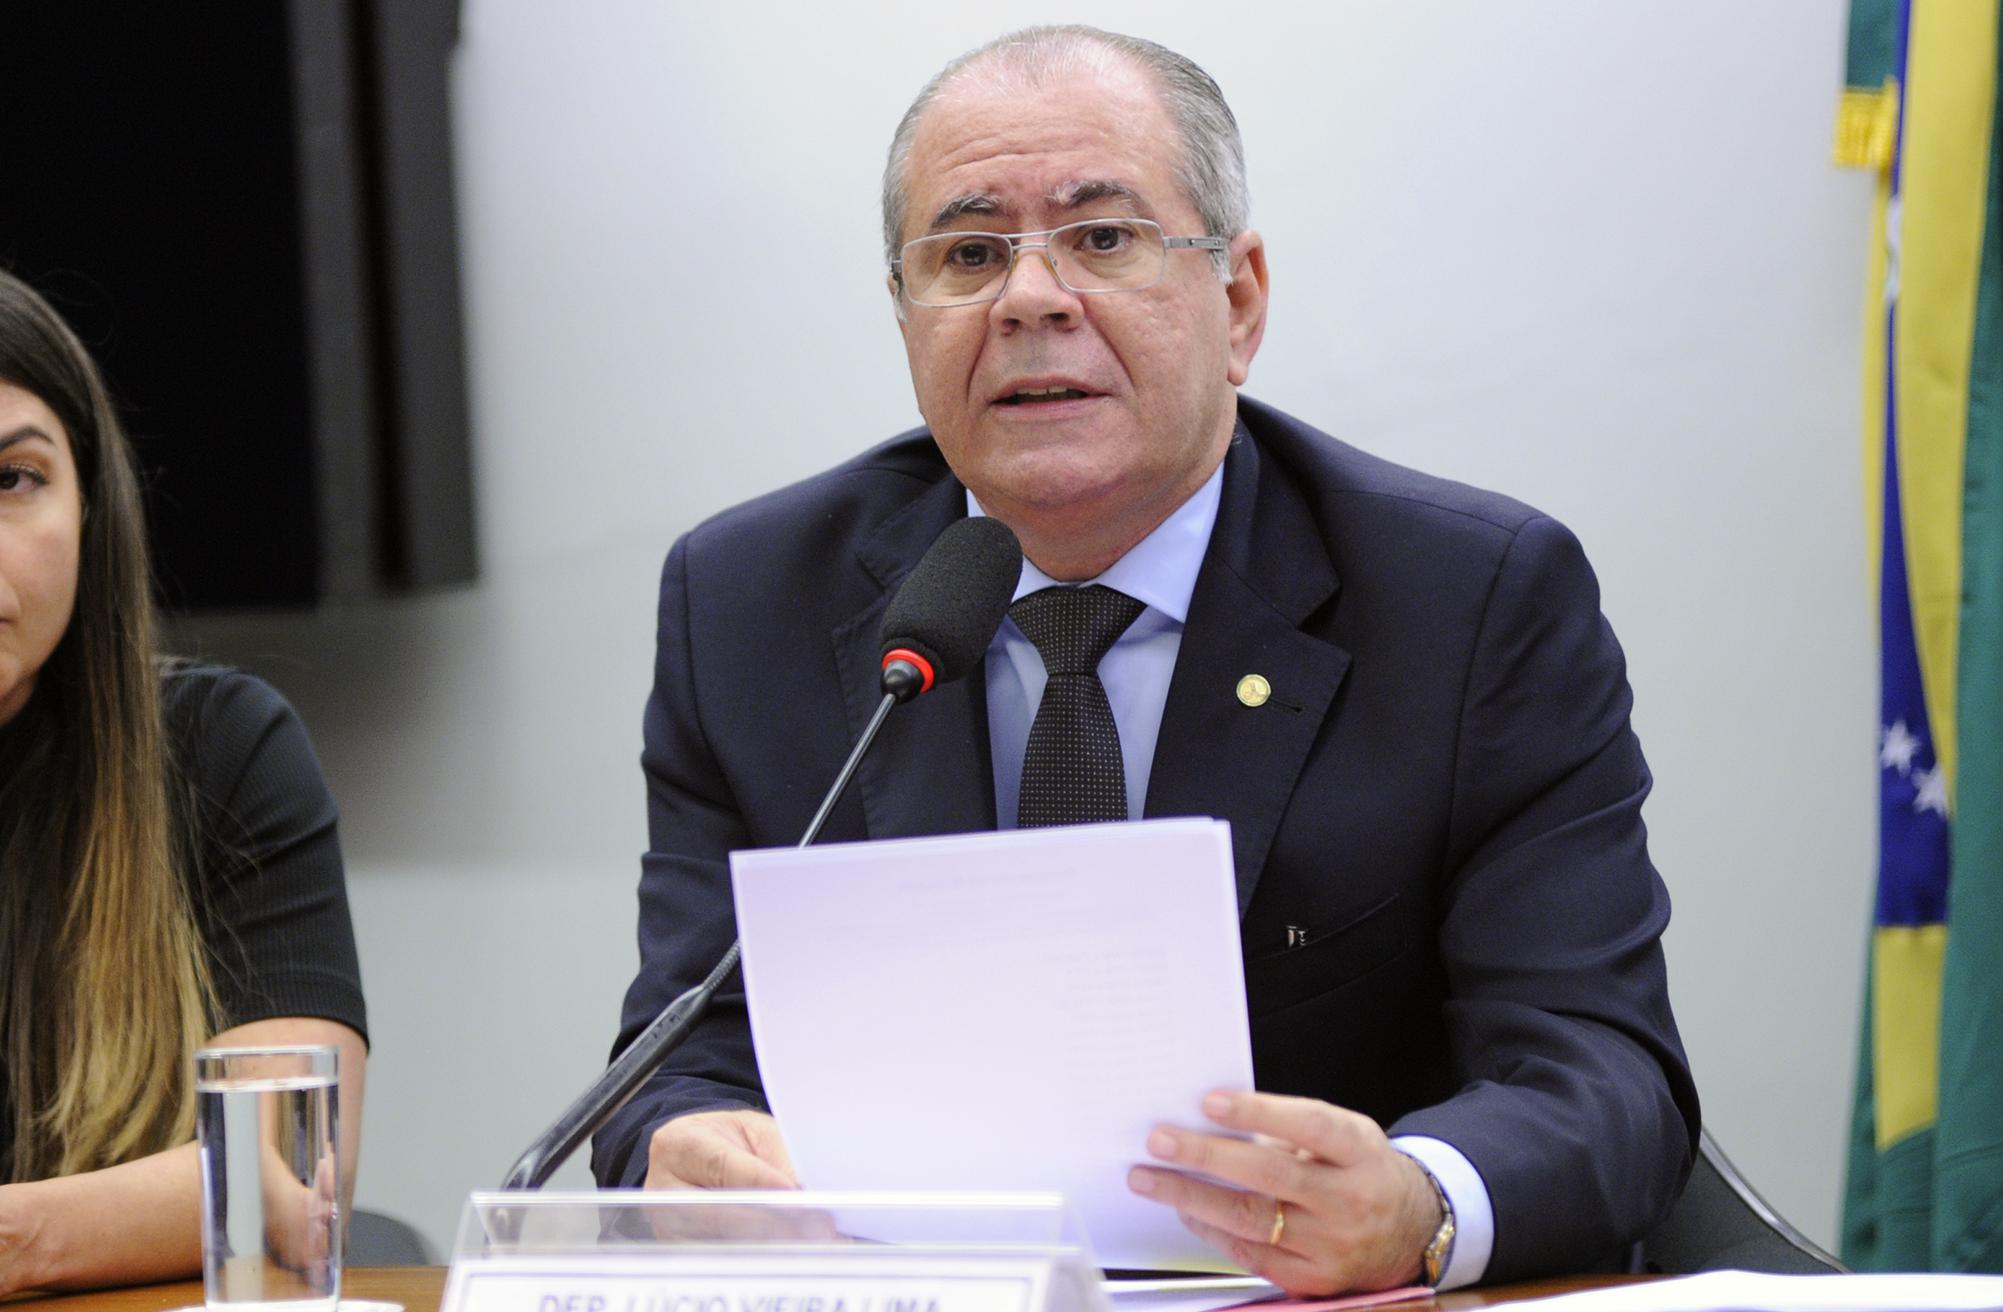 Reunião Ordinária. Dep. Hildo Rocha (PMDB - MA)